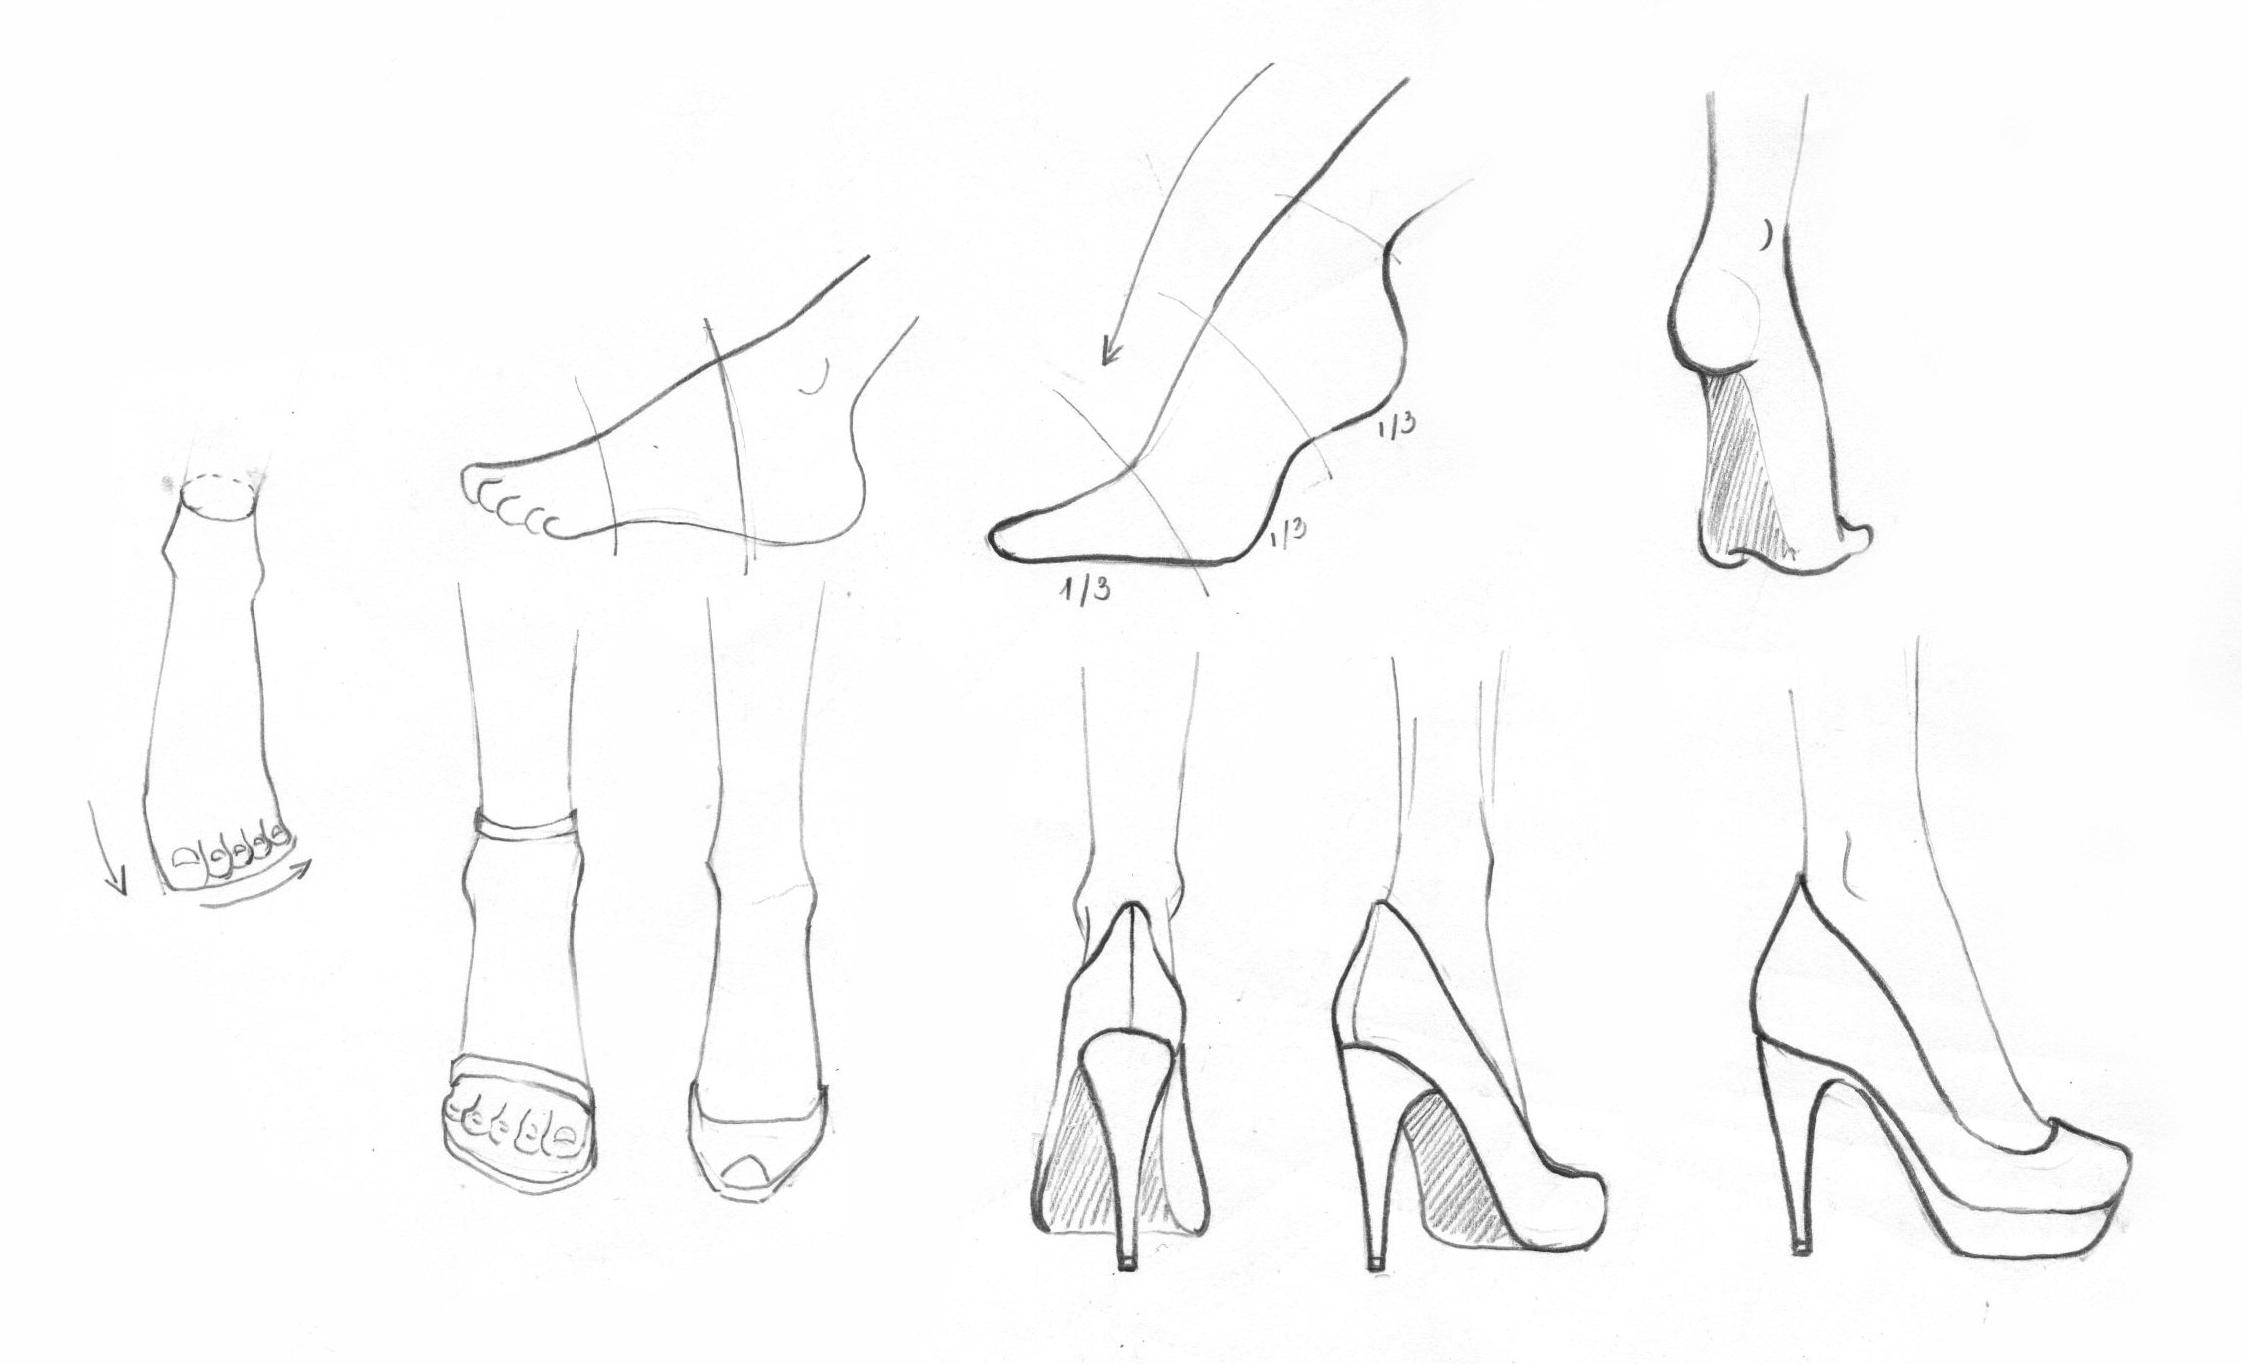 Buổi 7: Cách vẽ bàn chân - + Cách vẽ bàn chân theo tỷ lệ và nhìn tự nhiên+ Vẽ bàn chân theo nhiều góc nhìn khác nhau+ Cách vẽ ngón chân+ Cách vẽ bàn chân đang di chuyển, nhìn từ bên hông, chân bắt chéo.